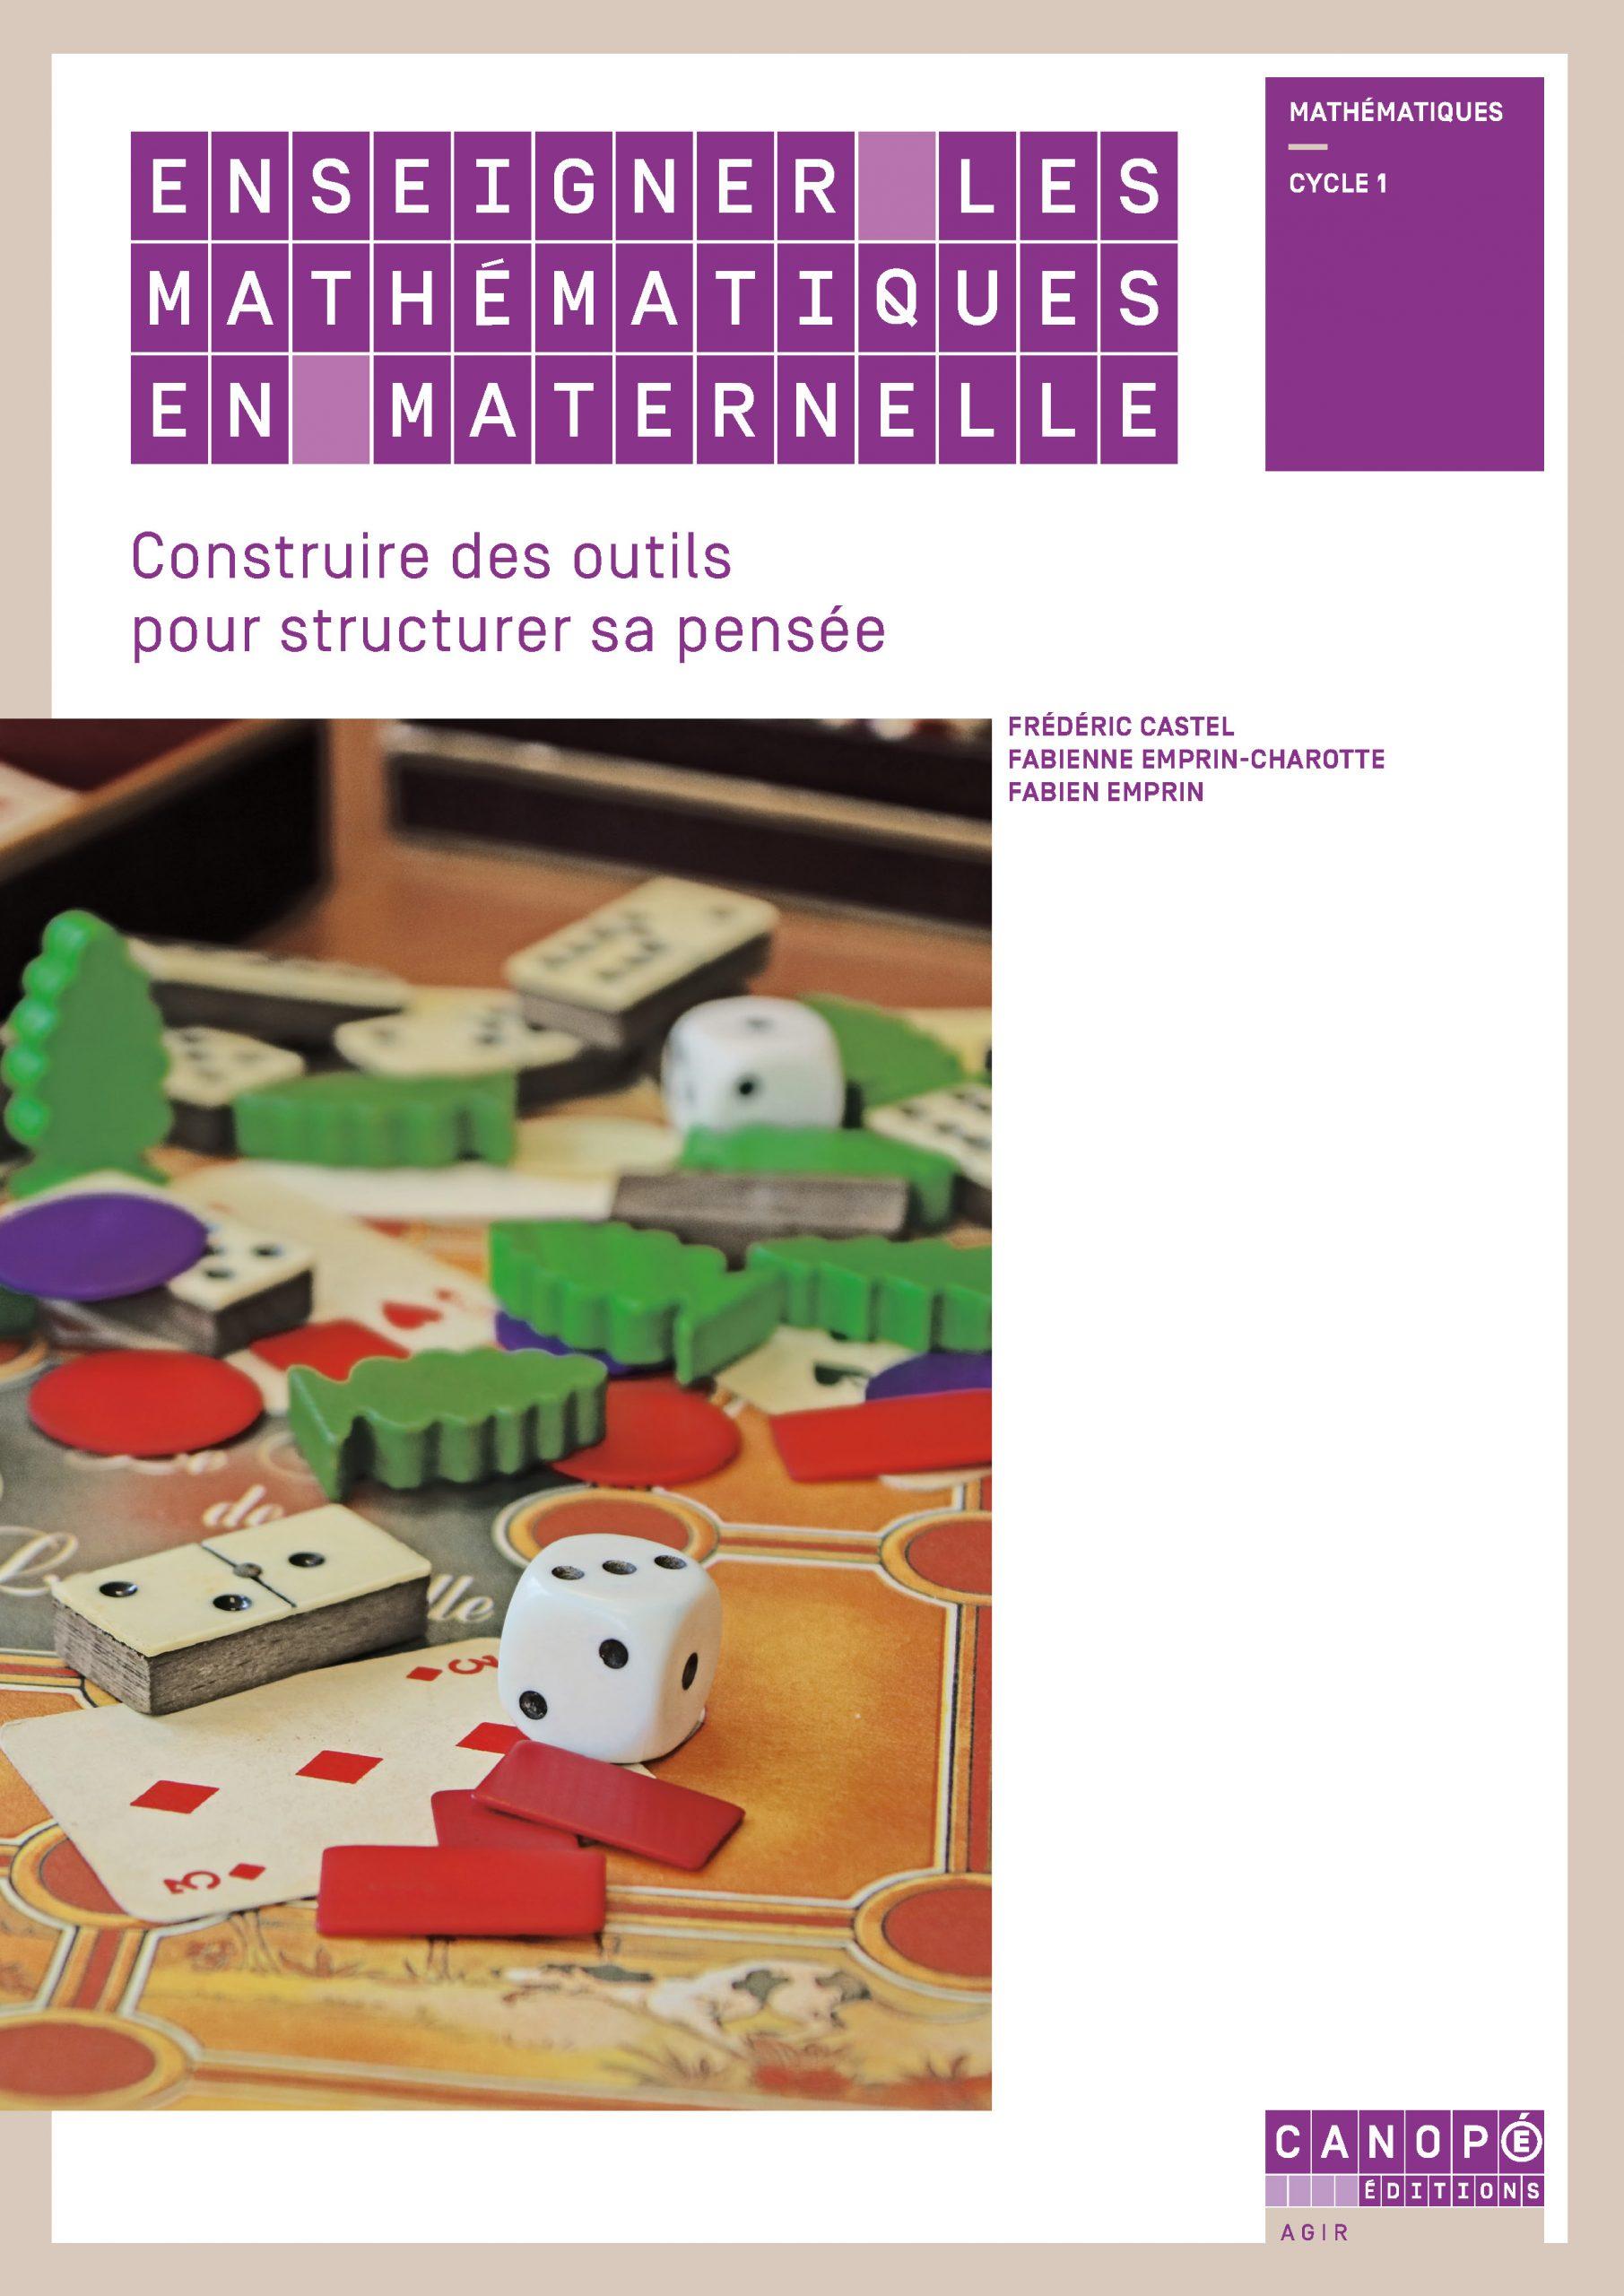 Maternelle - Réseau Canopé avec Jeux Grande Section Maternelle Gratuit En Ligne